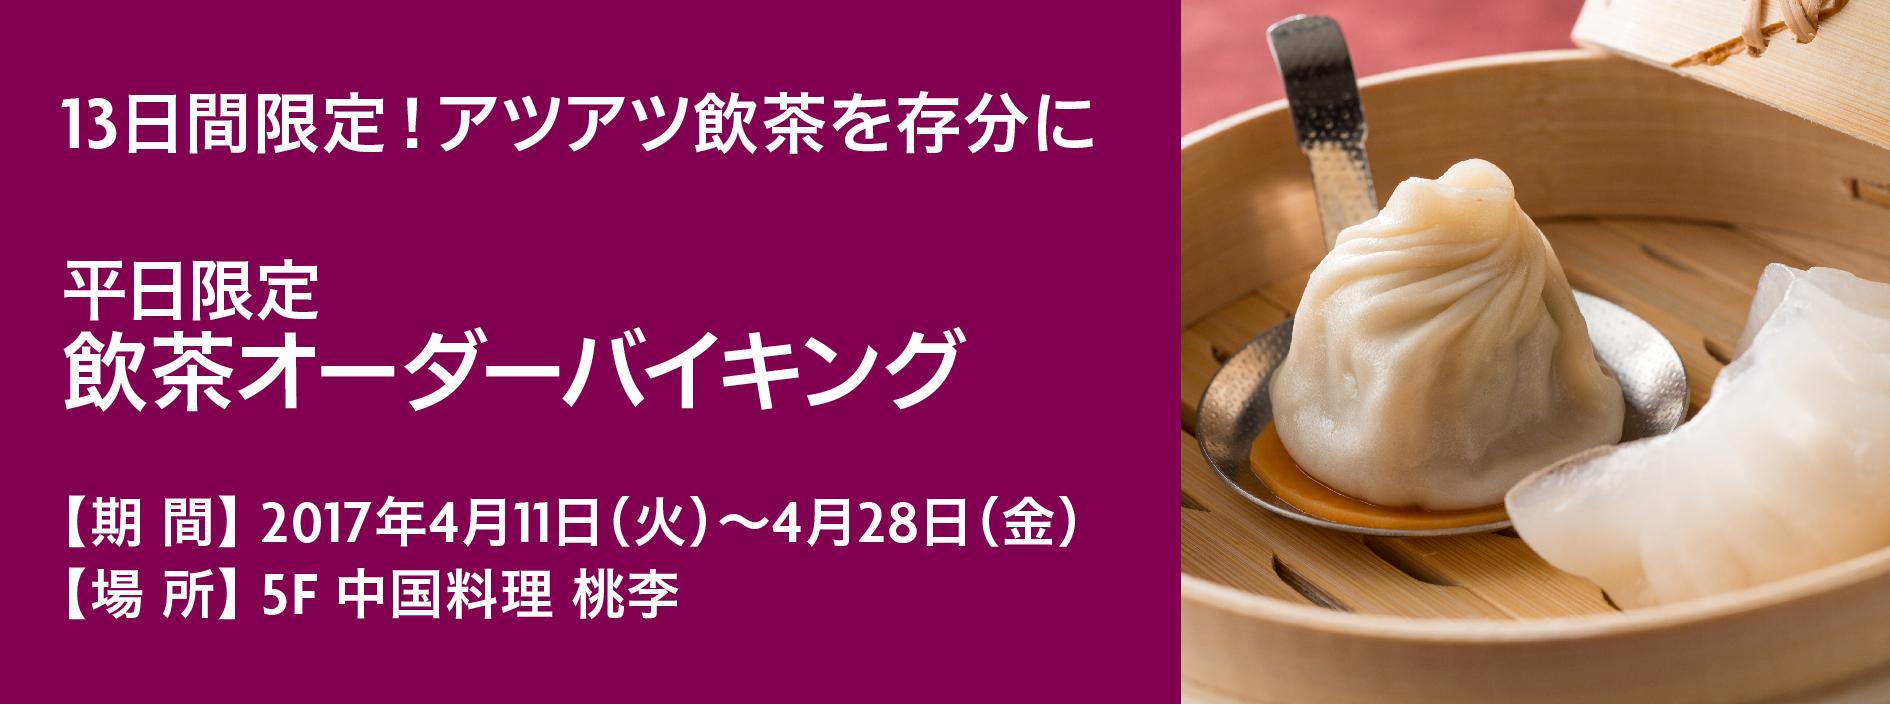 飲茶.jpg